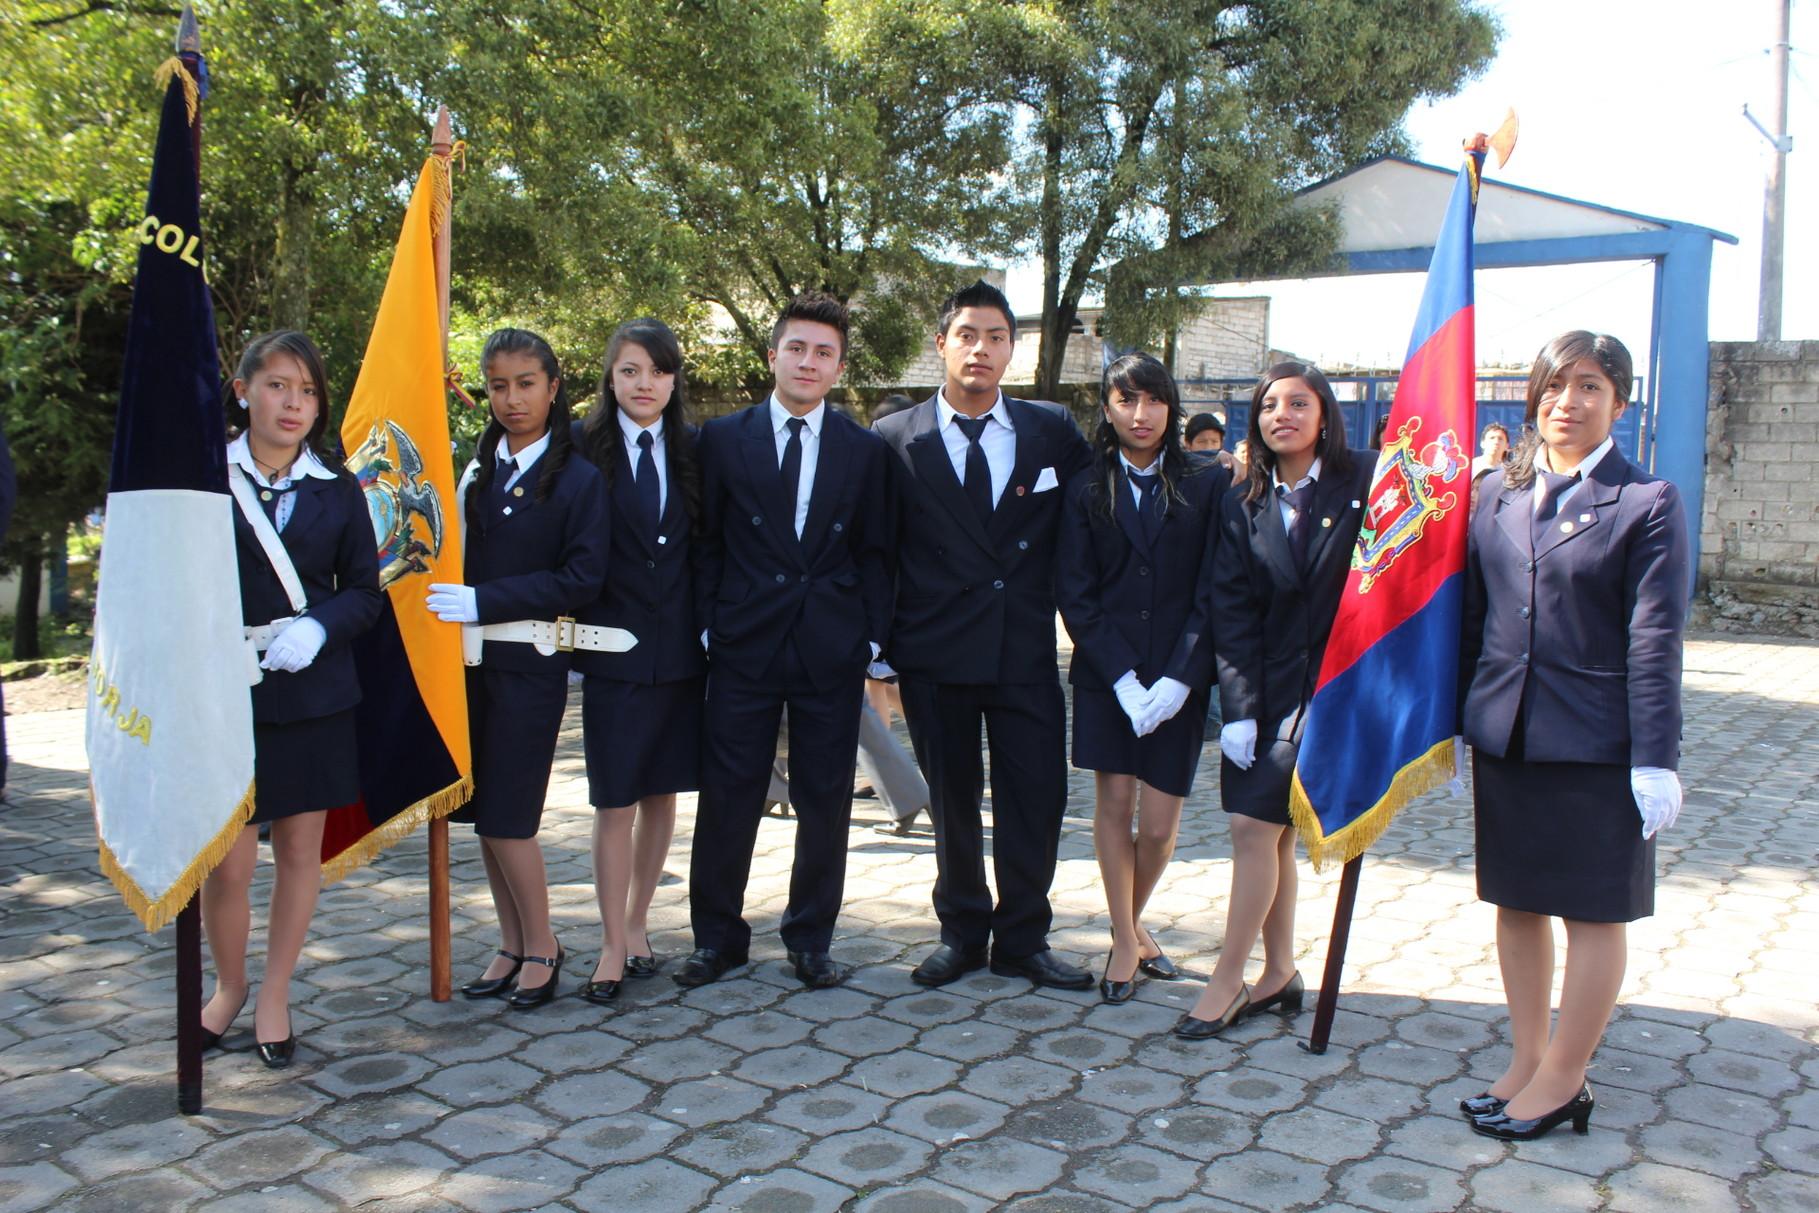 Las Abanderadas y escoltas de los Pabellones Nacional, Estandarte de la Ciudad y Estandarte del Colegio.